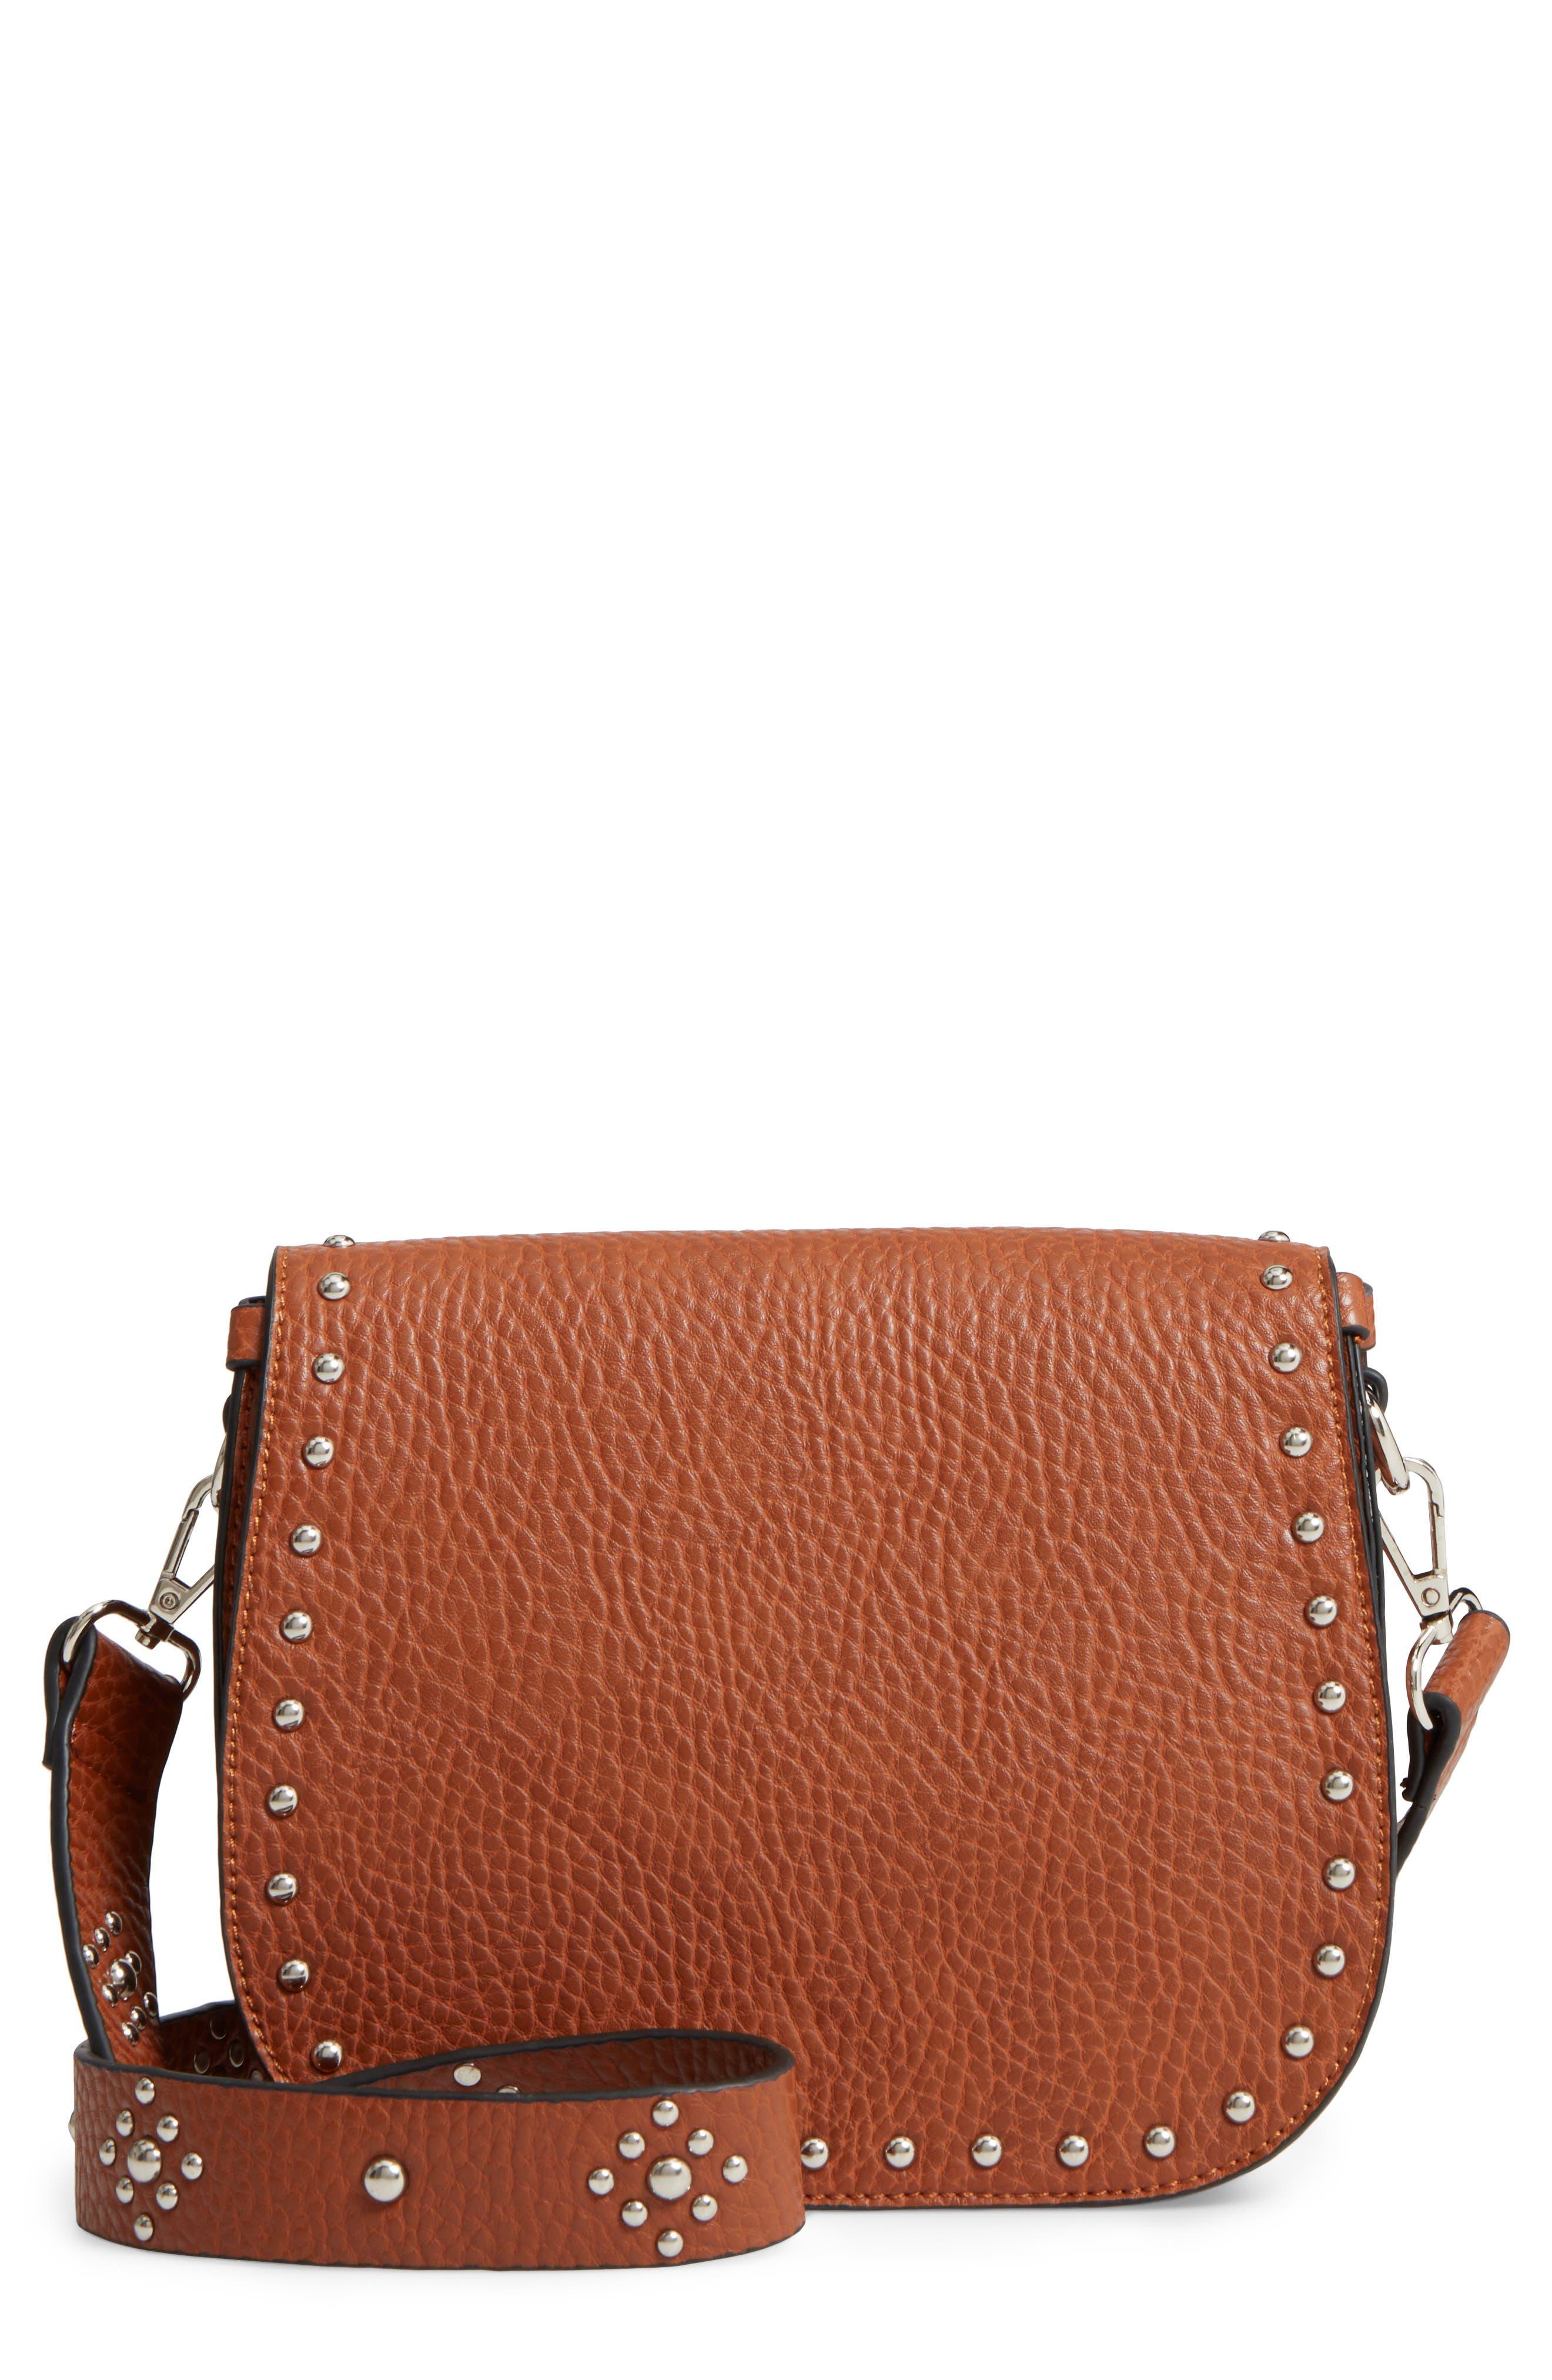 Linea Pelle Studded Faux Leather Satchel